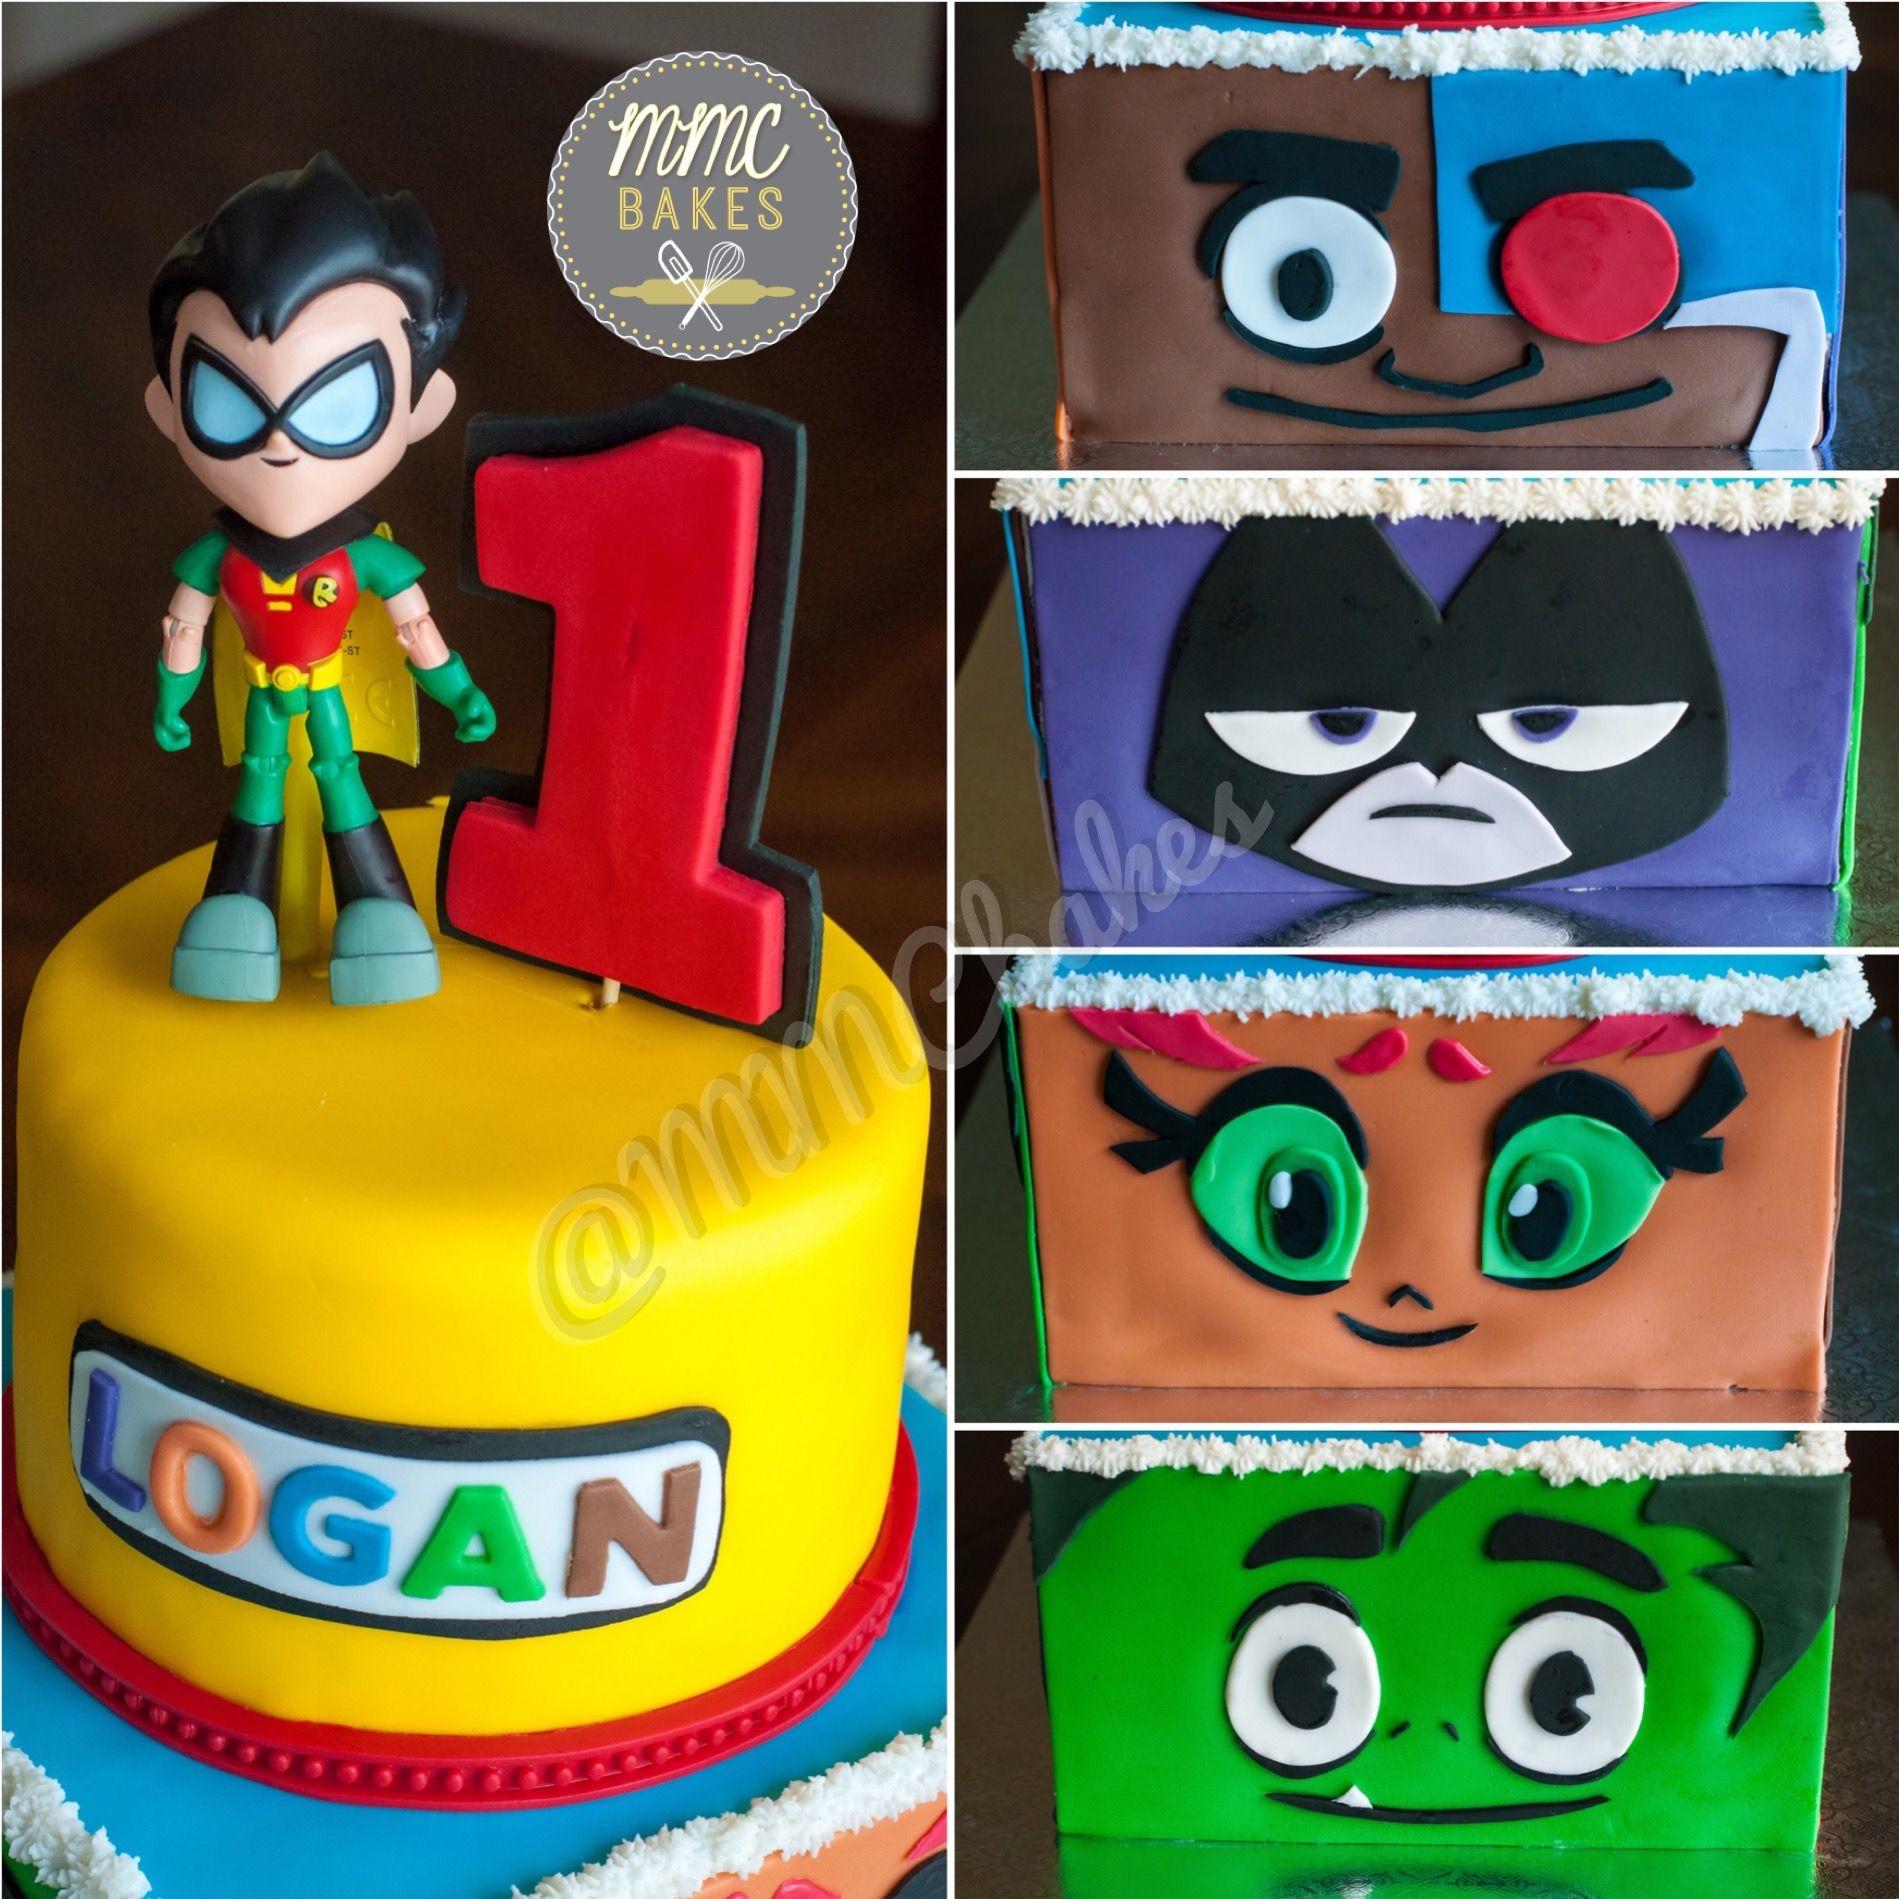 Teen Titans GO Cake Custom Cakes by MMC Bakes San Diego Fondant